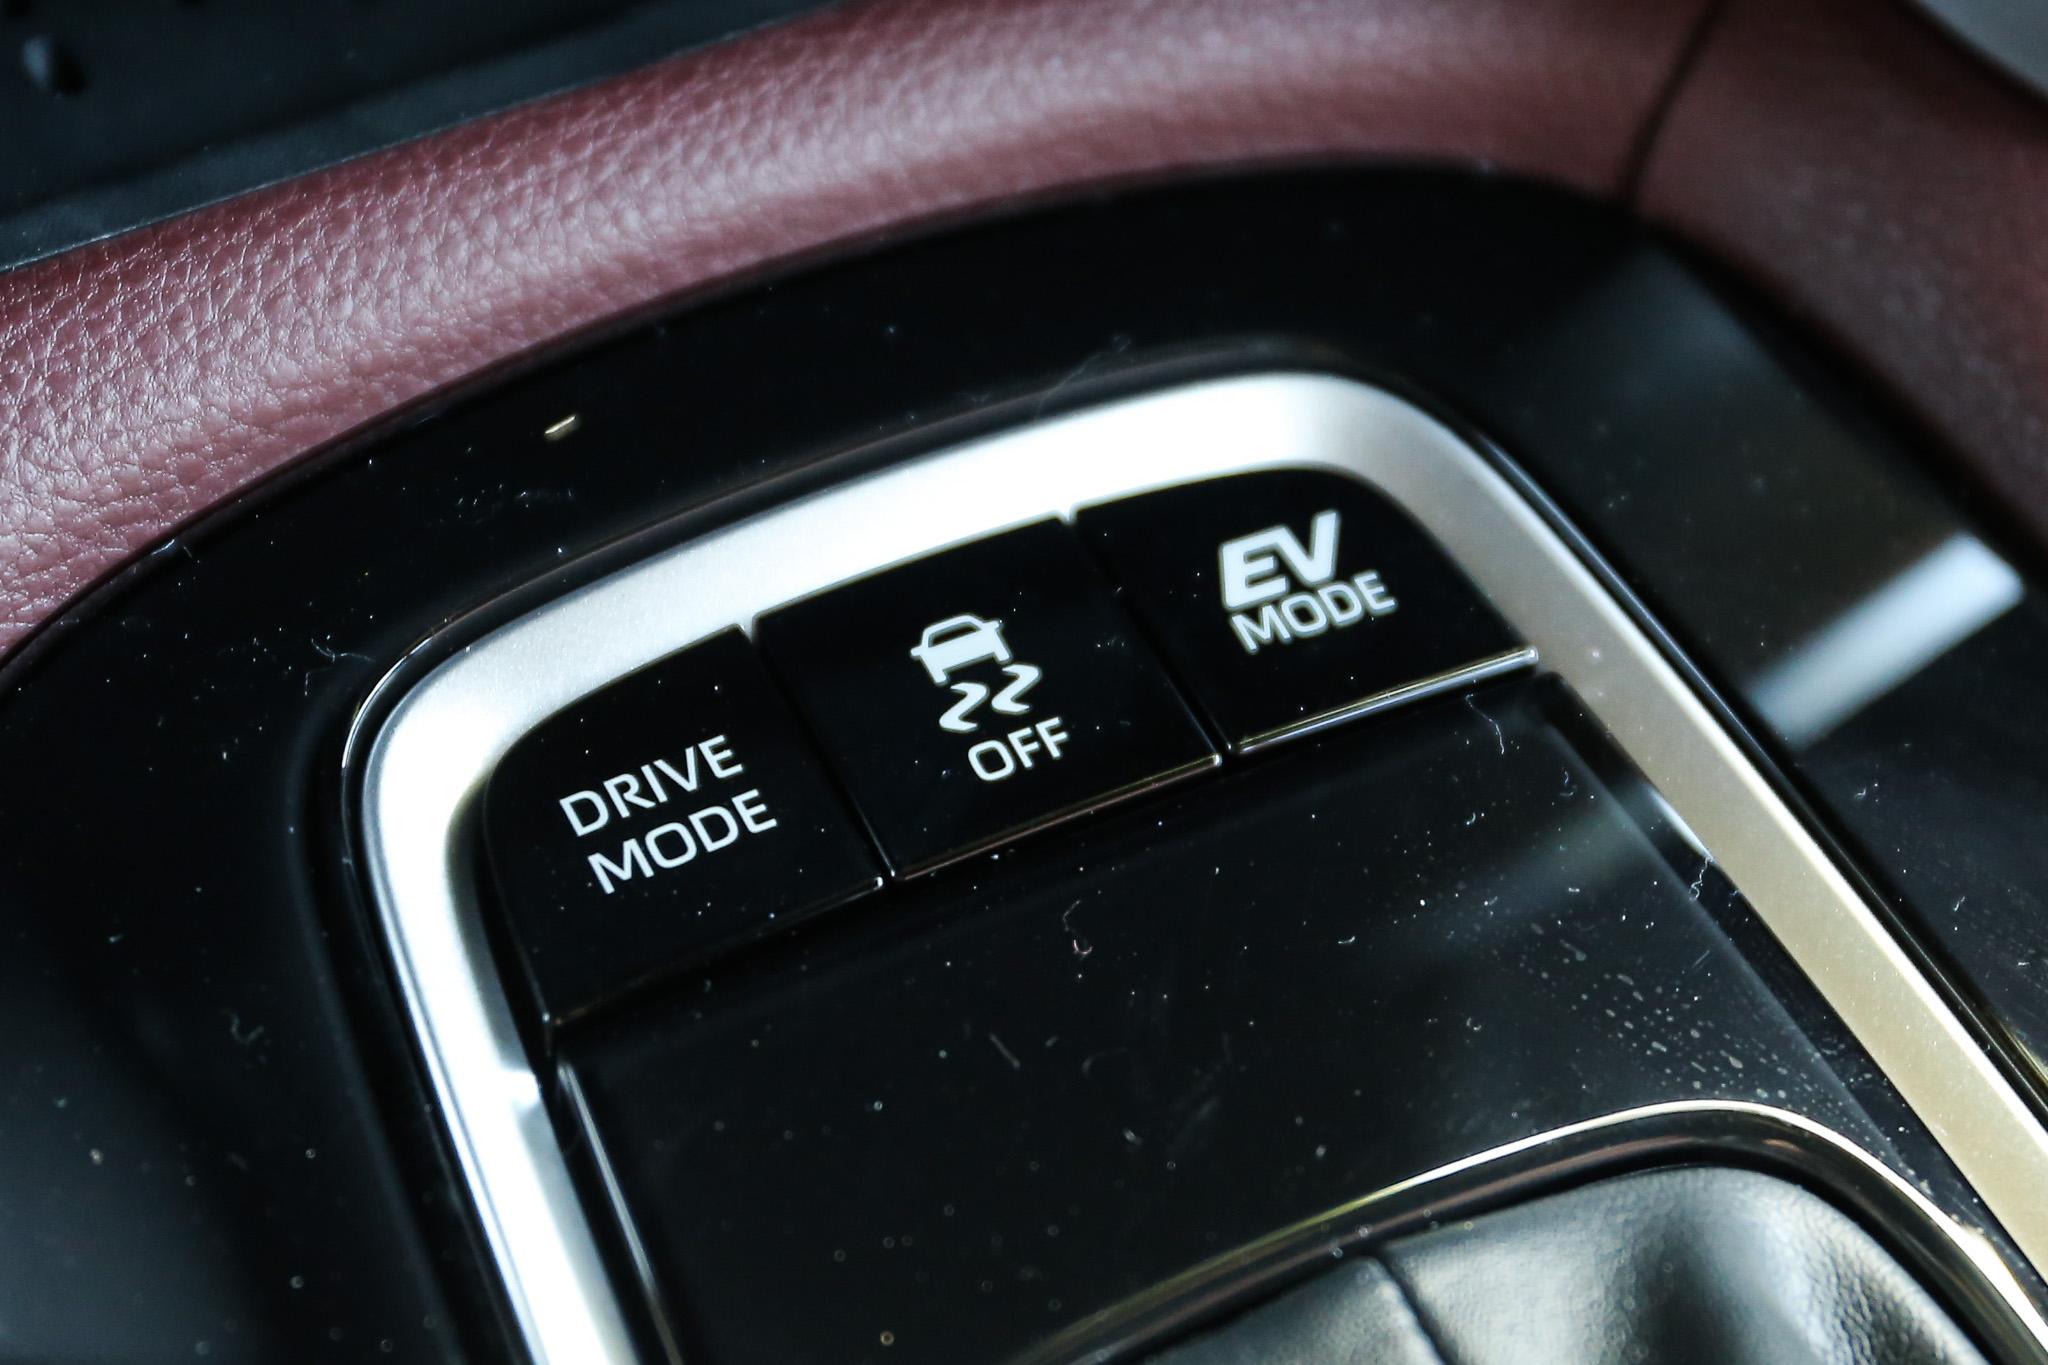 提供 EV / ECO / NORMAL / SPORT 四種駕駛模式。